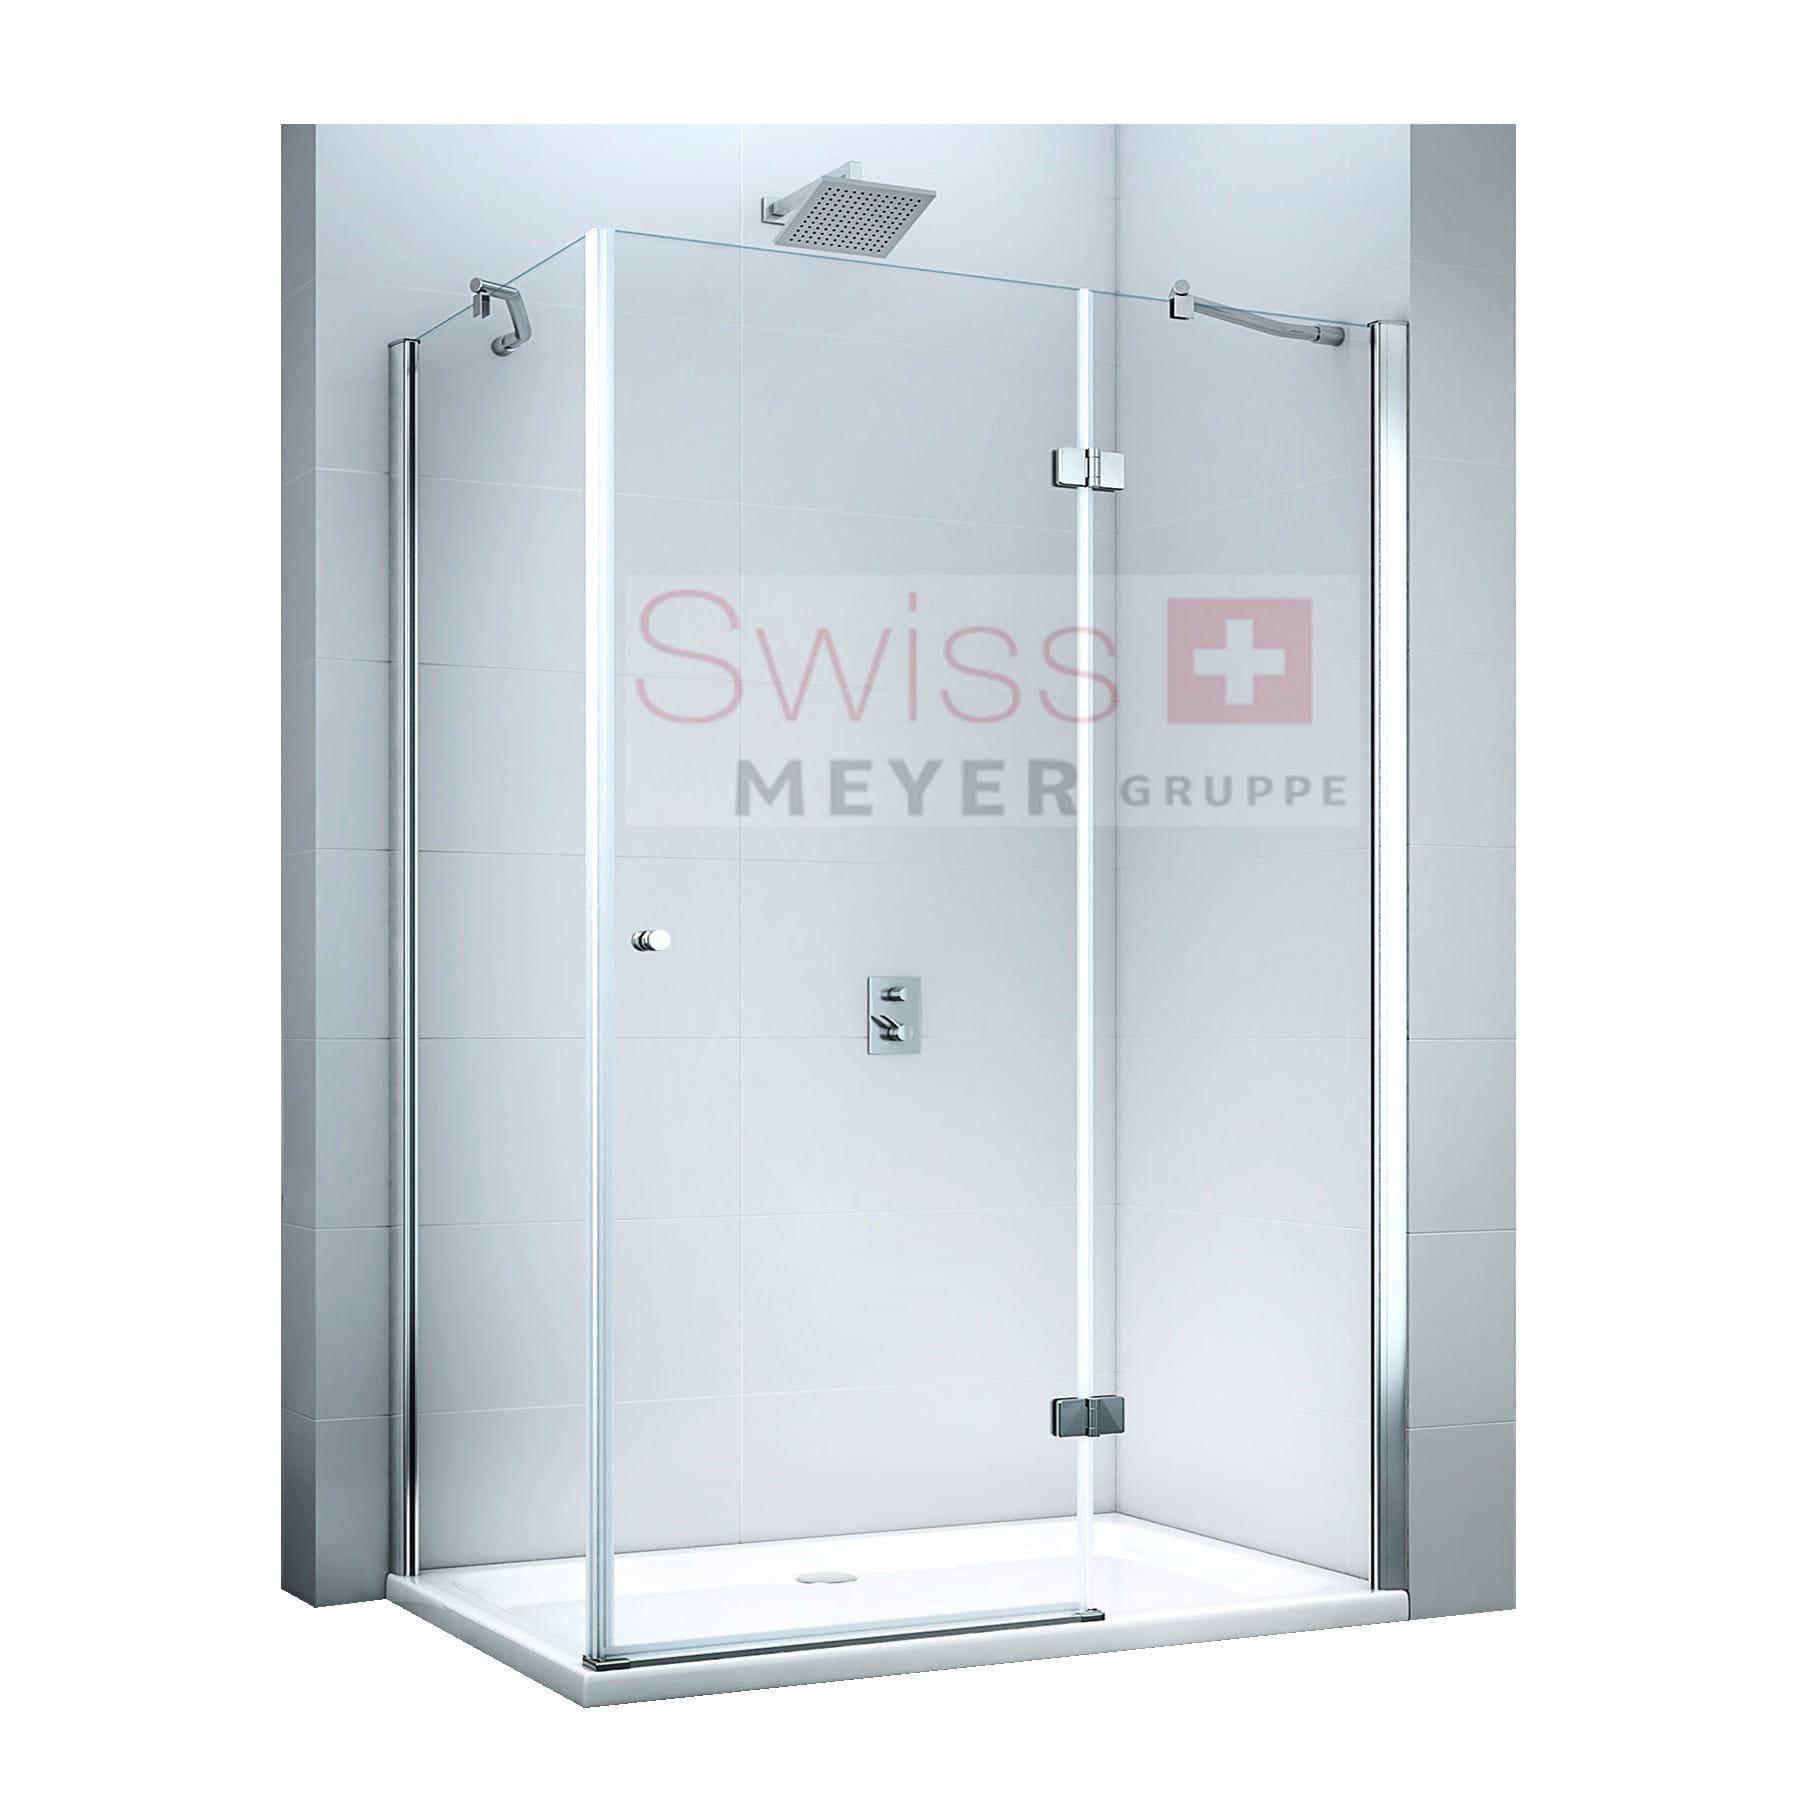 KABINA prysznicowa UCHYLNA MSL3001 - SWISS MEYER